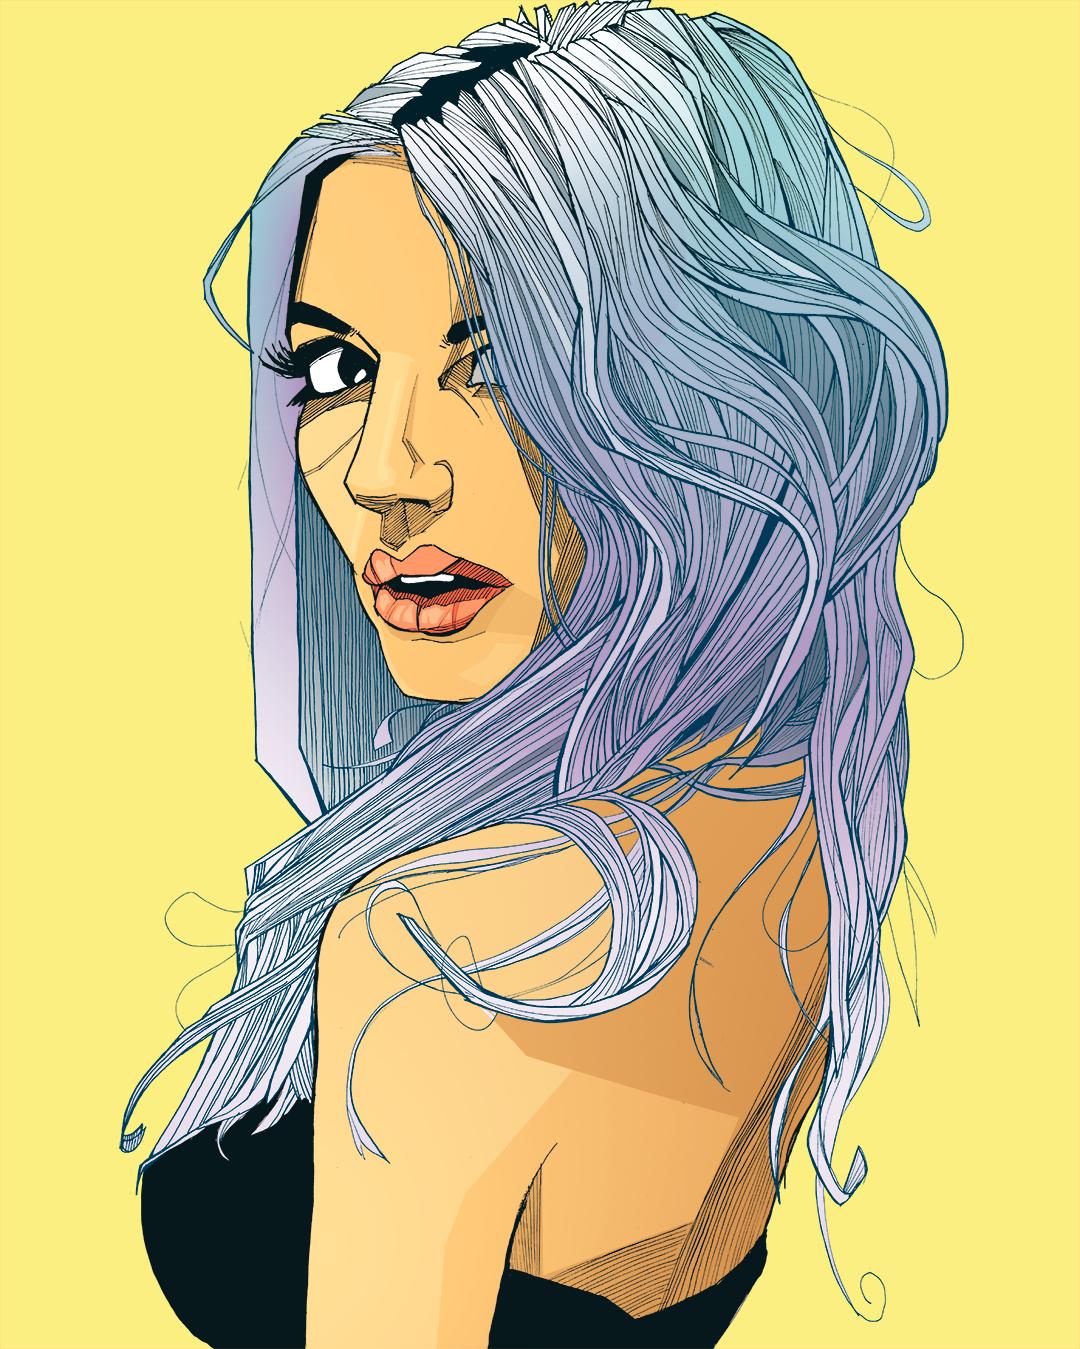 Pretty girl with blue hair art